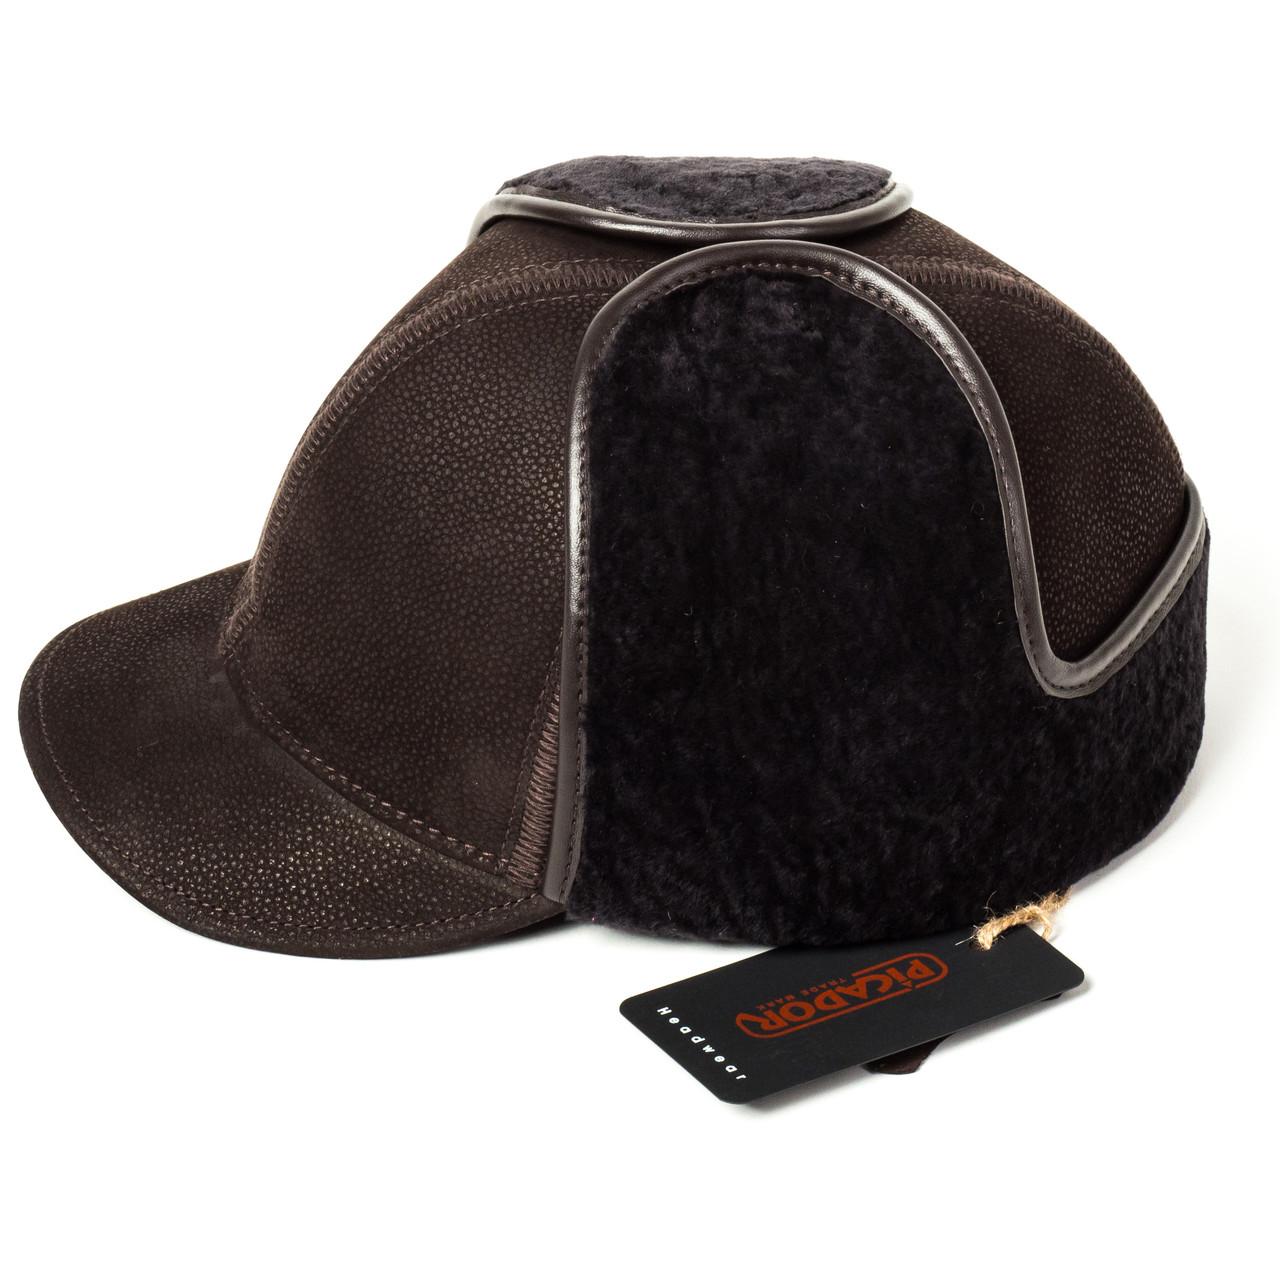 Кепка Жокей мужская замшевая коричневая Picador ЖСН-3-12-2